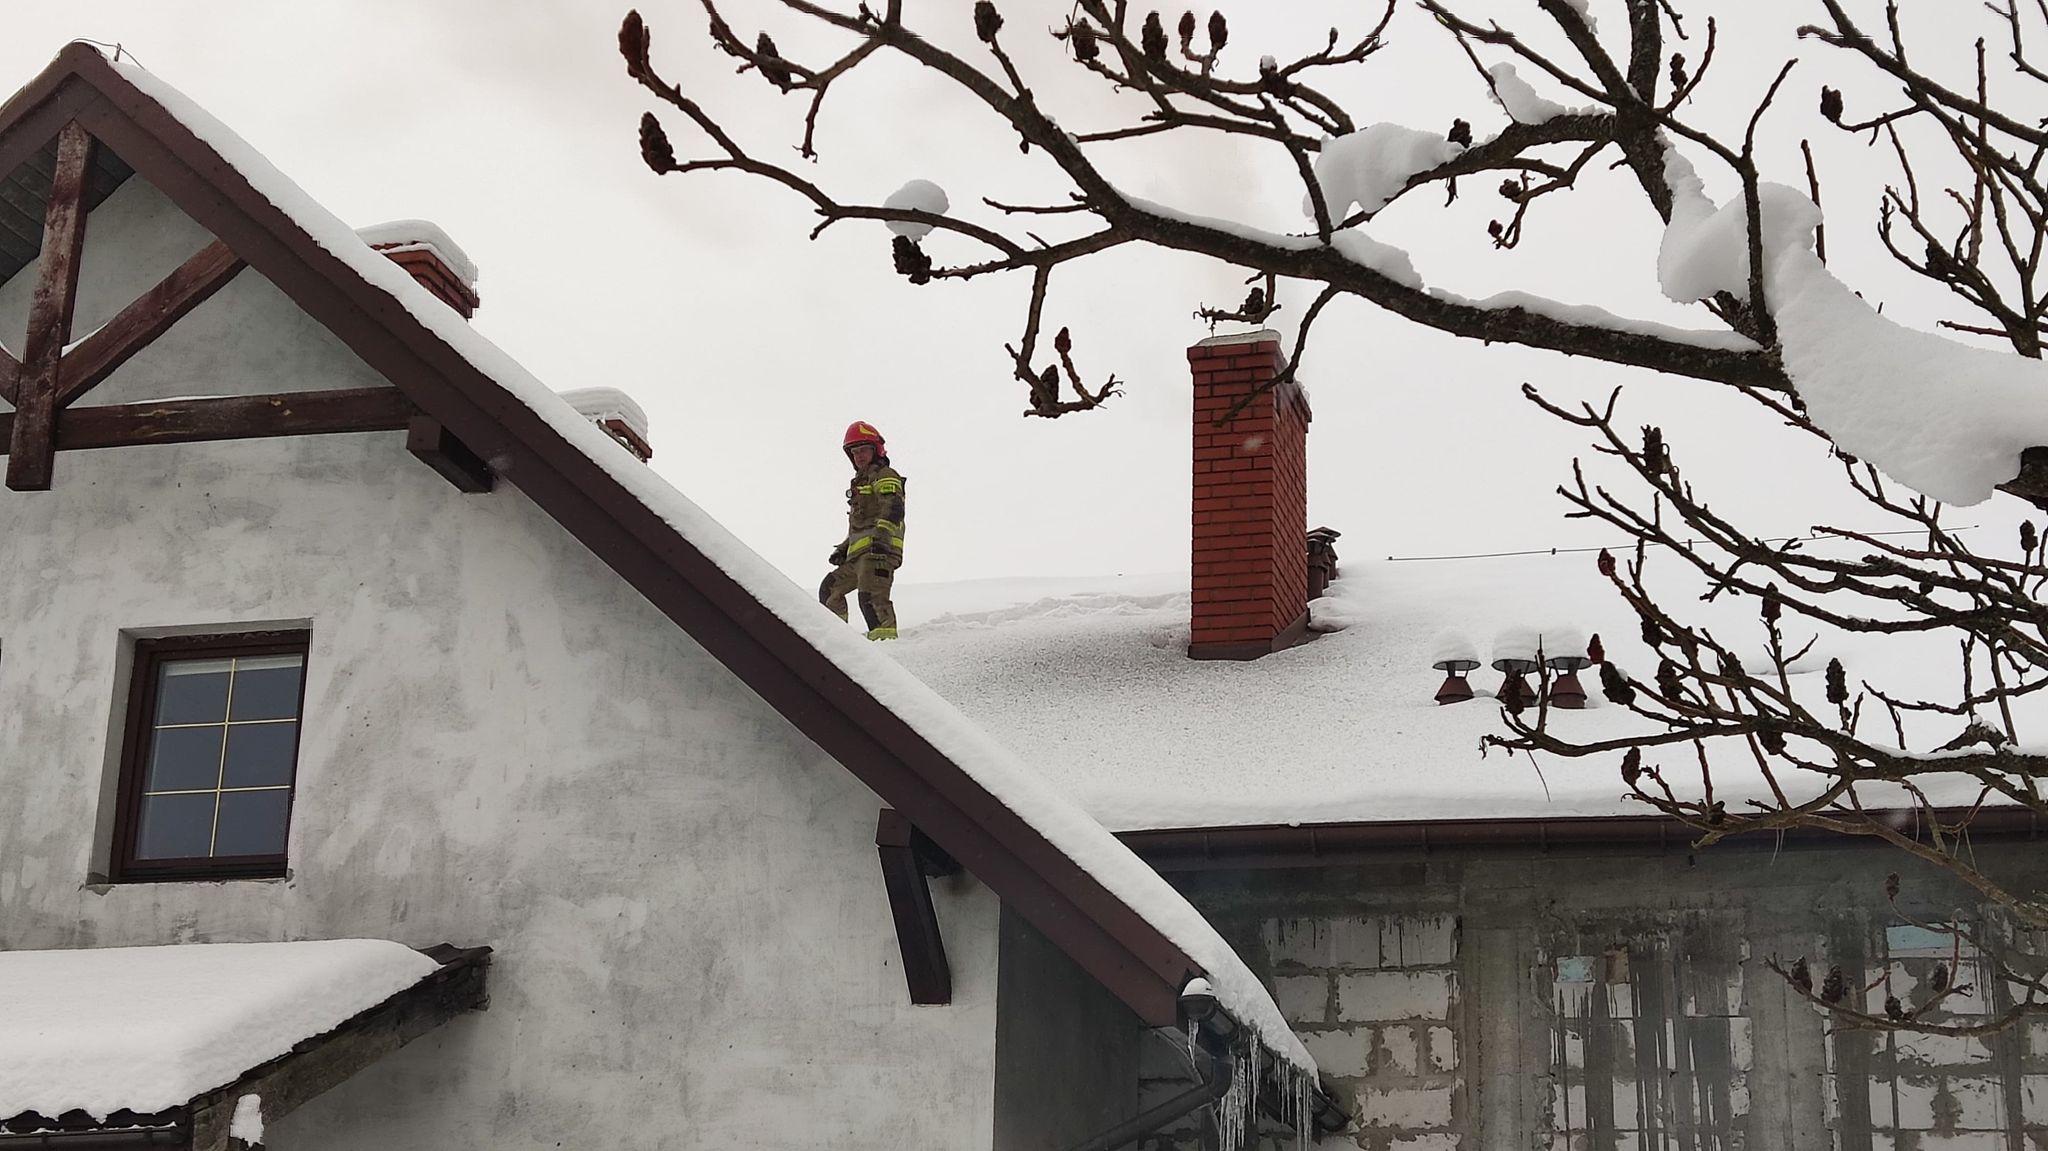 BYKOWCE: Pożar sadzy w kominie [FOTO+VIDEO] - Zdjęcie główne